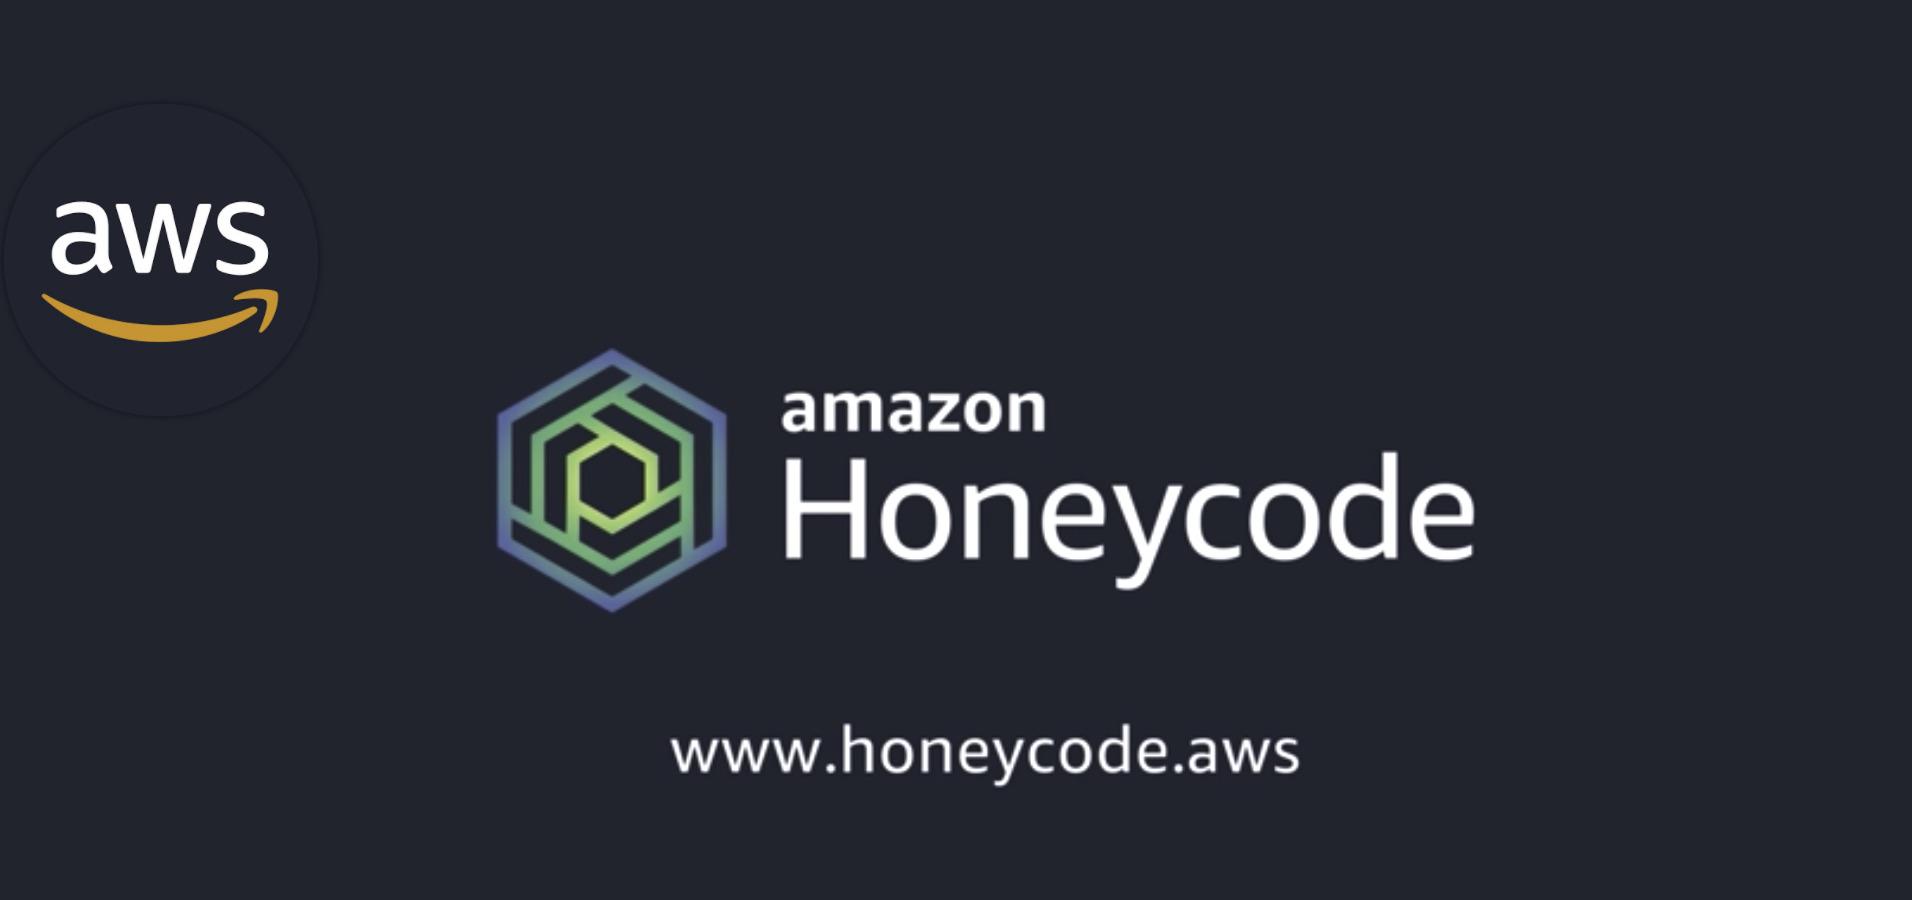 AWSのノーコード開発ツール「HoneyCode」を使ってTodoアプリを作ってみる